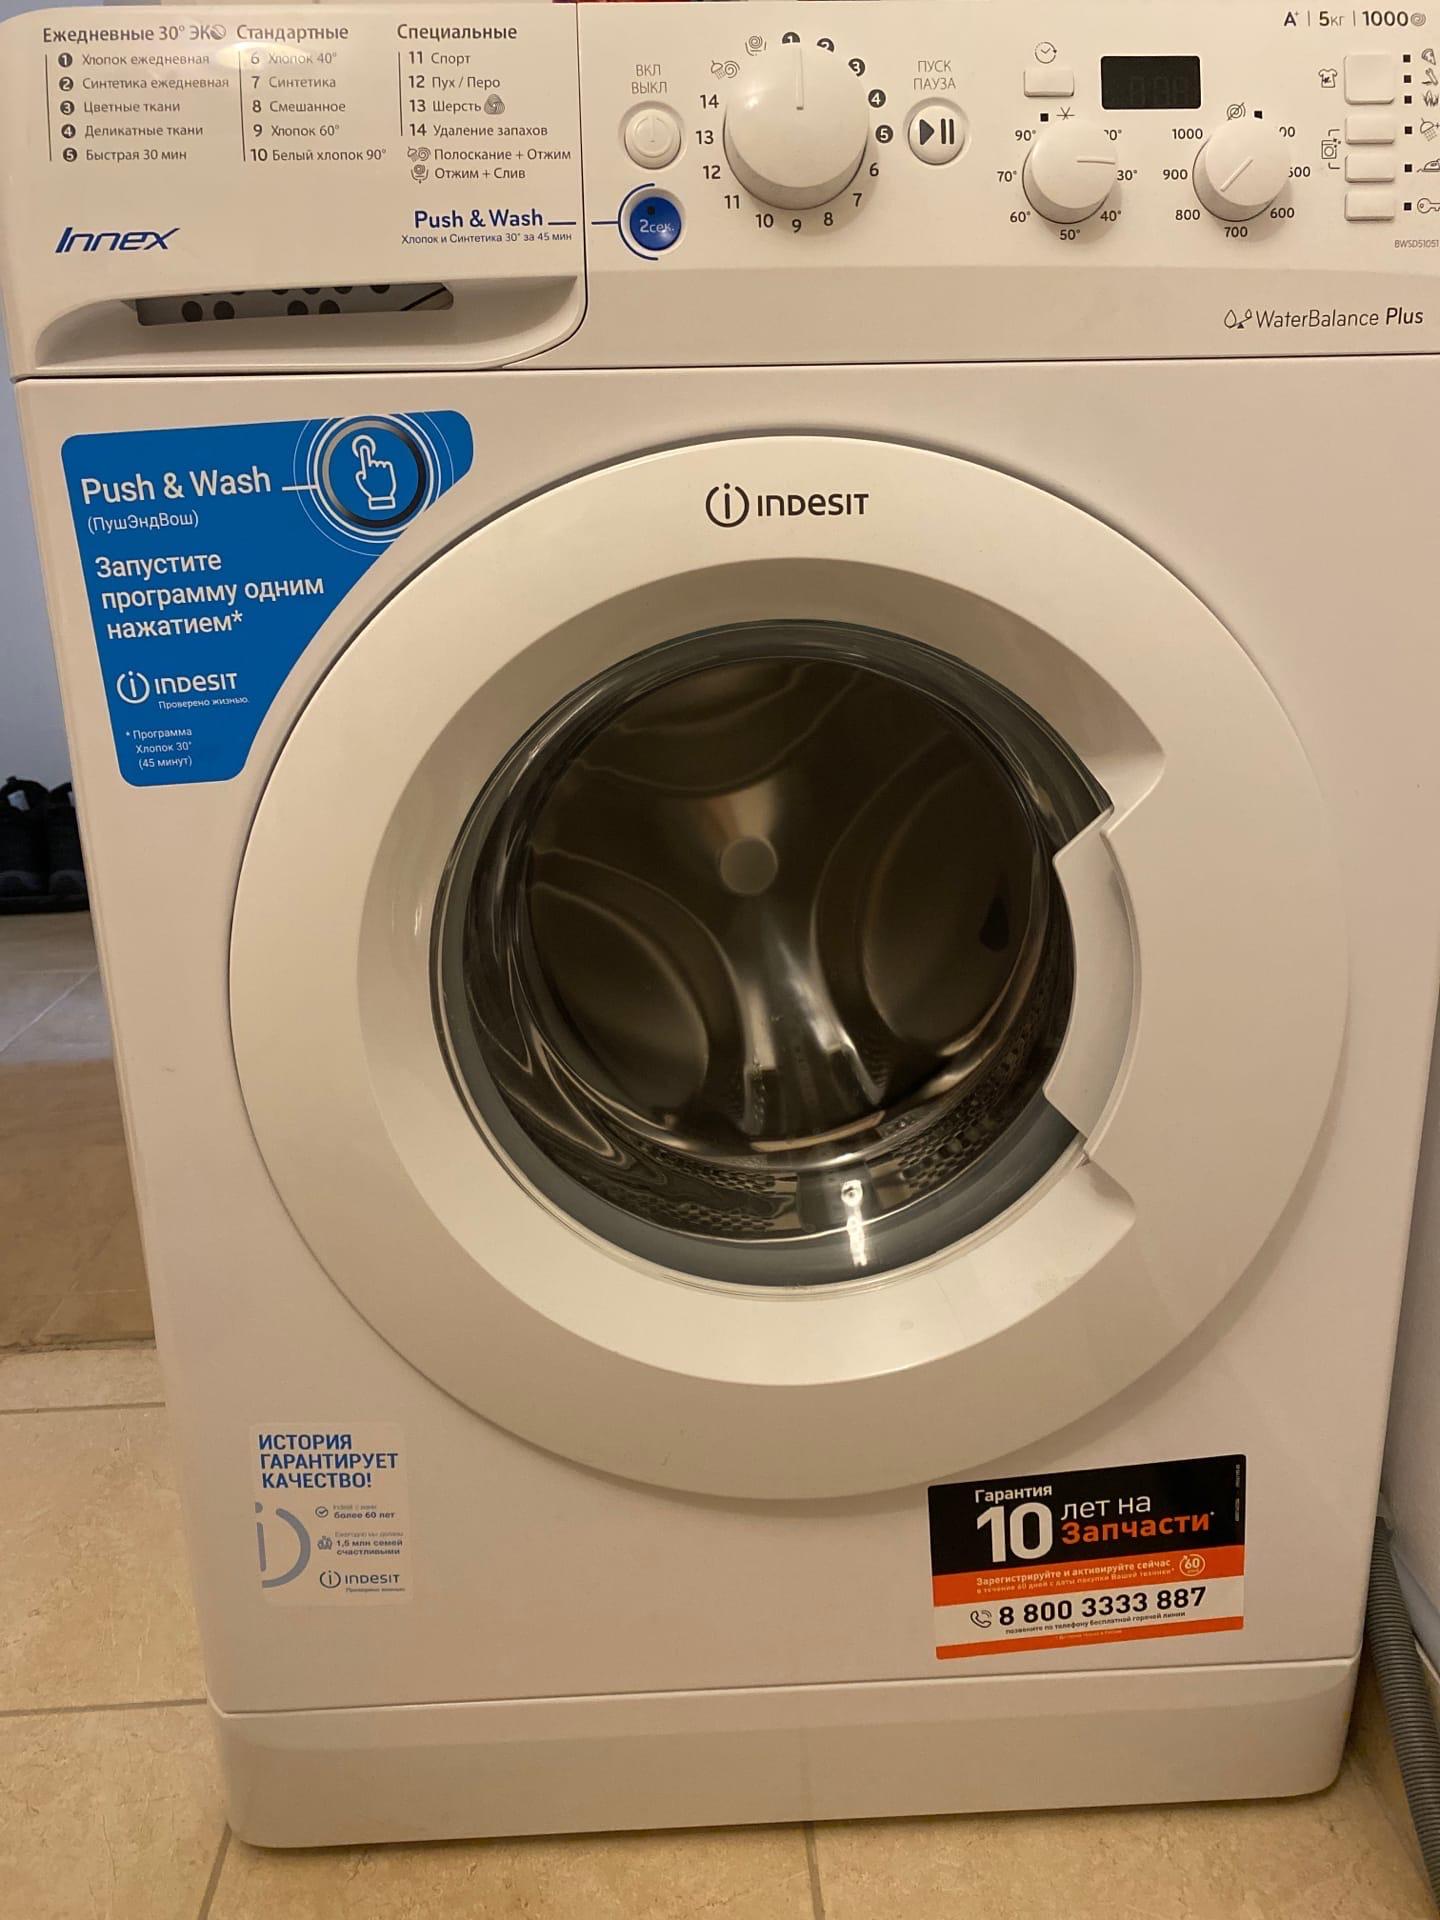 Обзор стиральной машины Indesit BWSD 51051